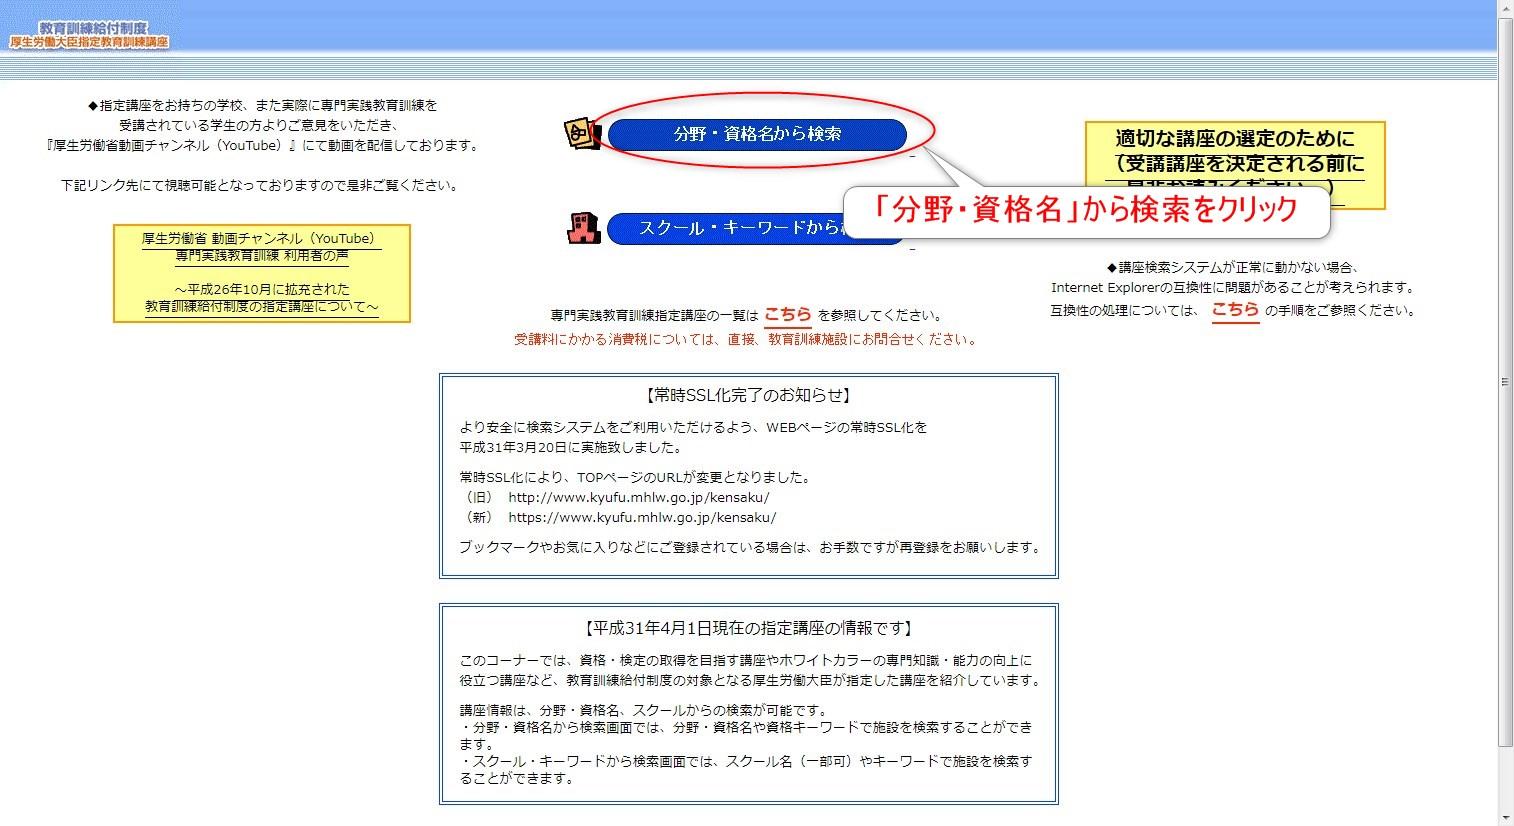 12-04-03_大型二種免許の検索方法